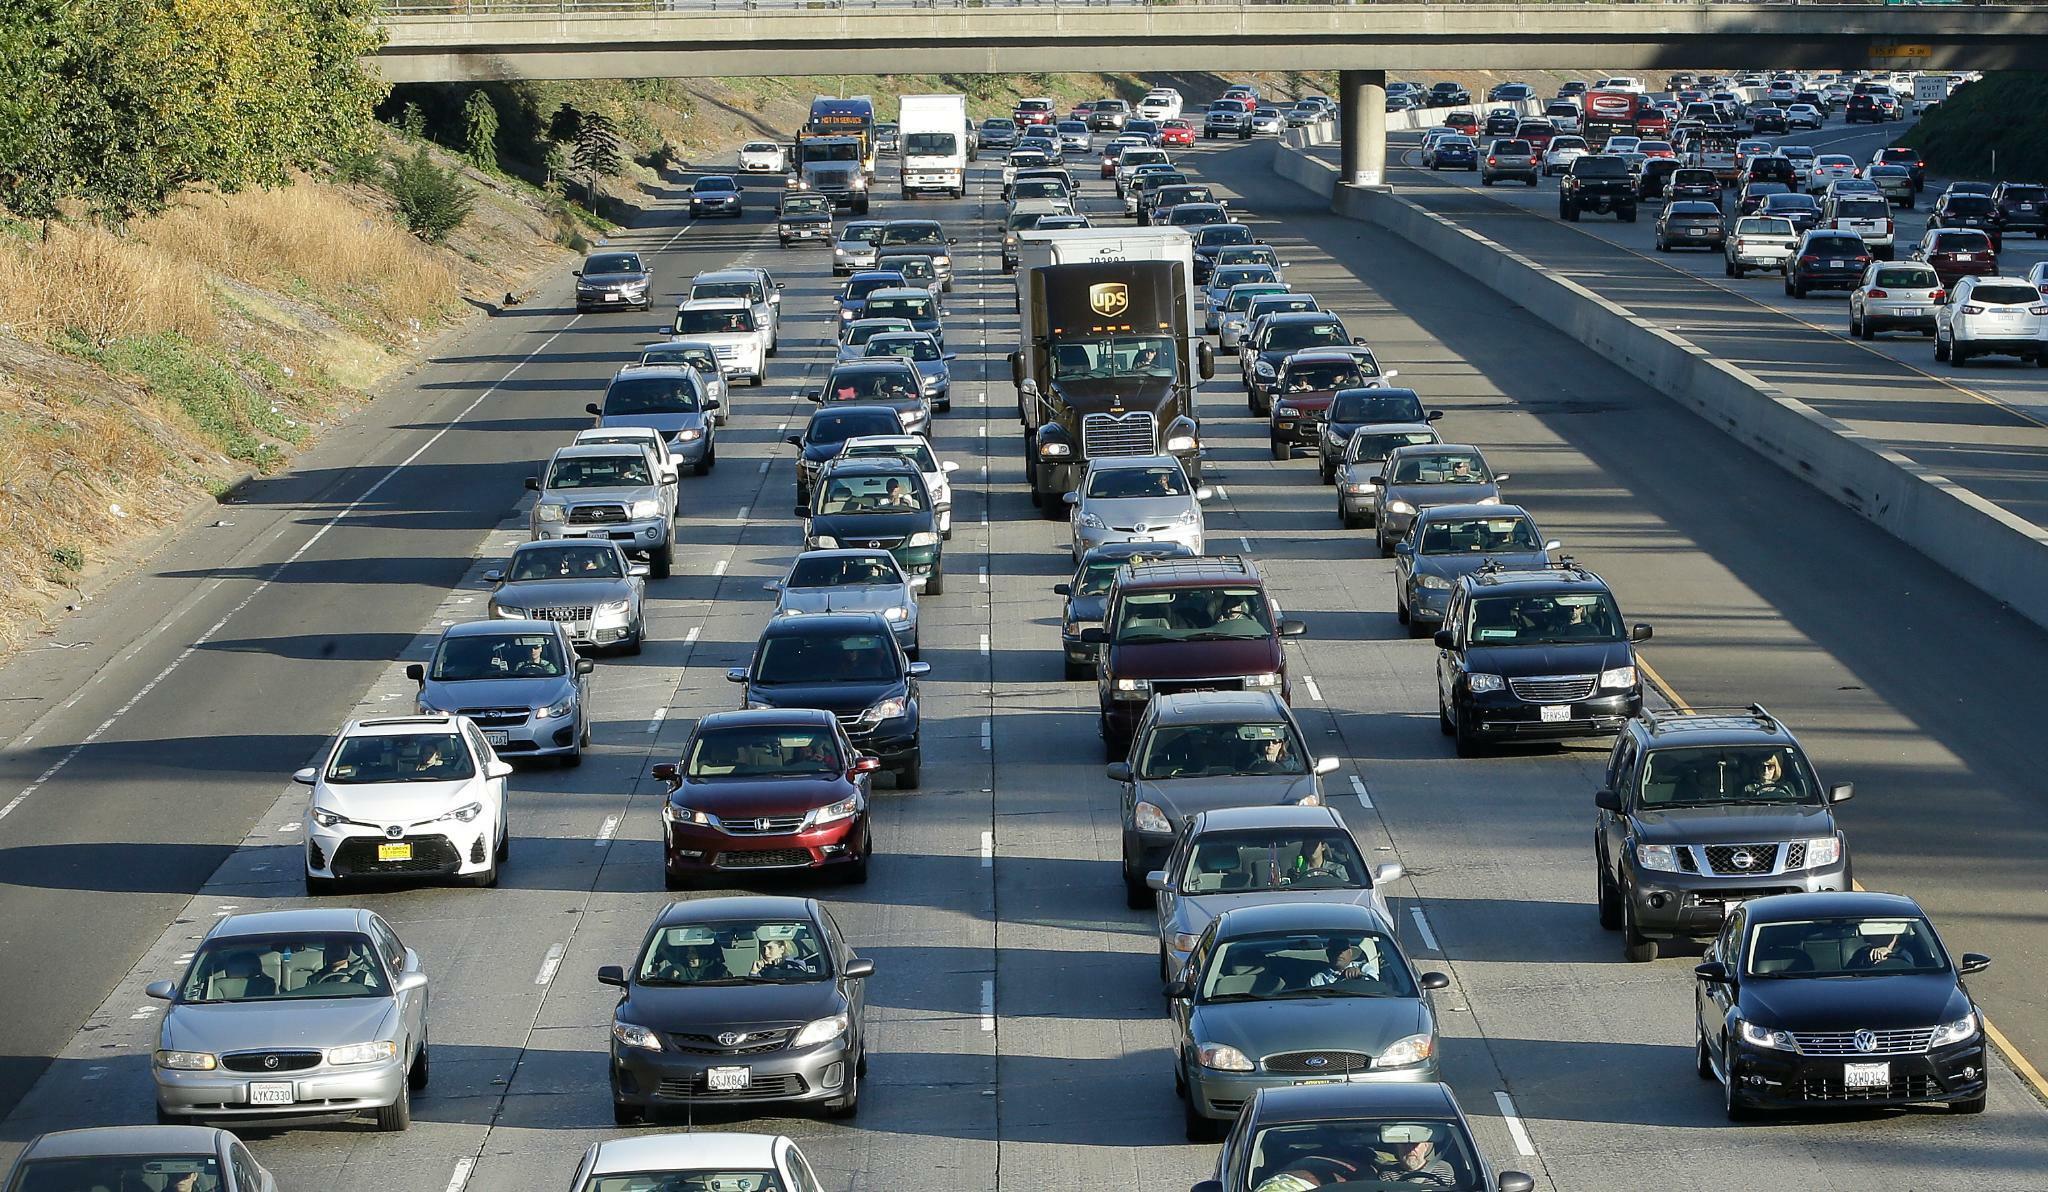 Auto-Abgase – US-Bundesstaaten reichen Klage gegen Regierung ein